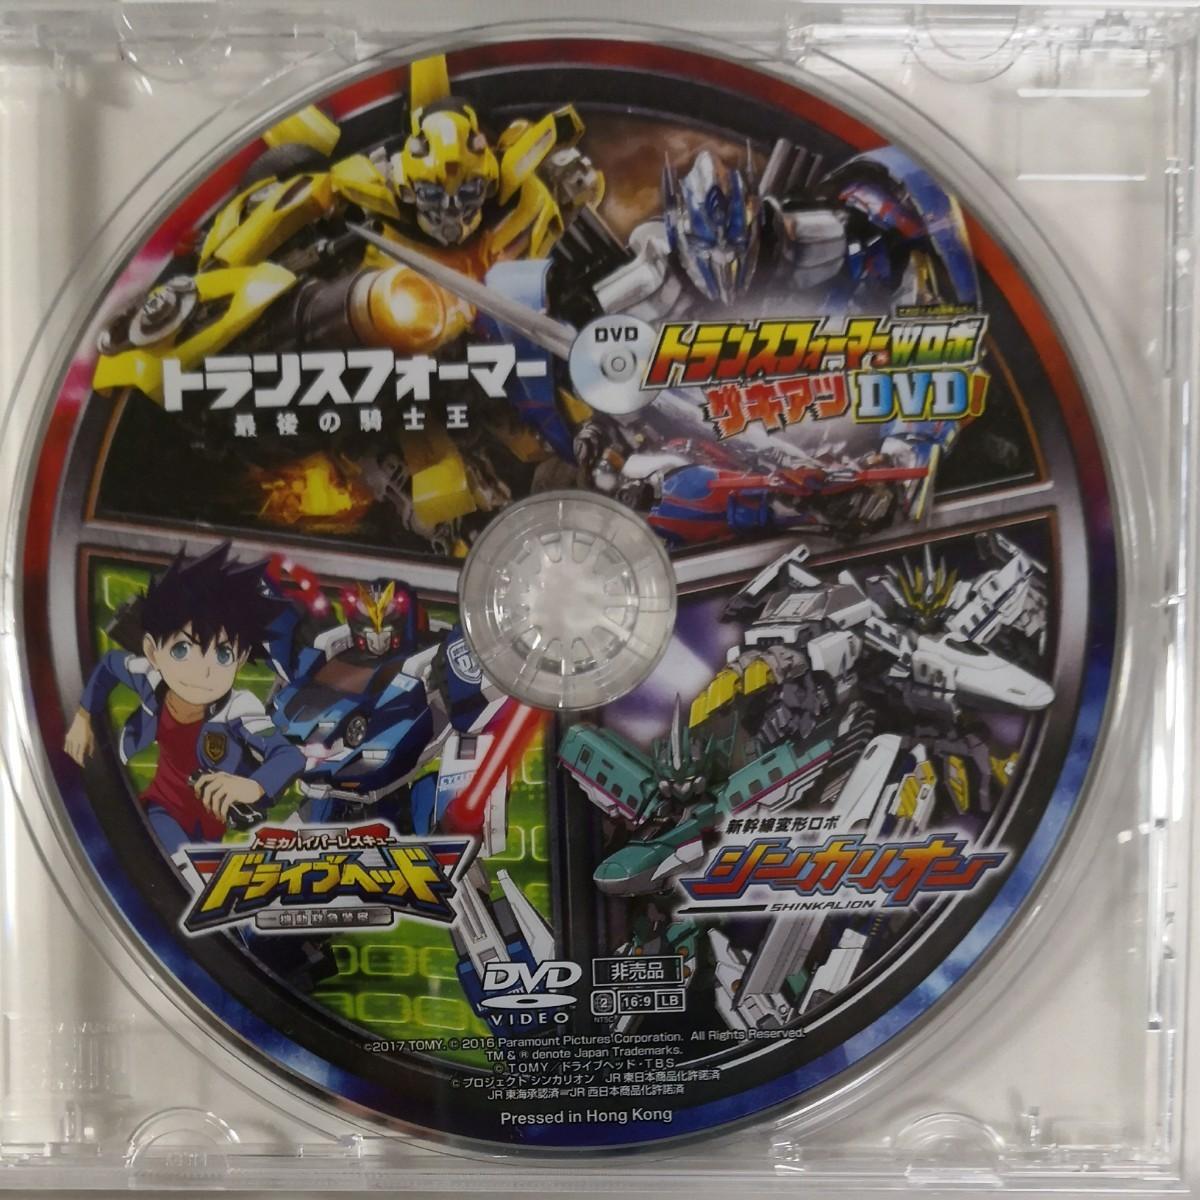 【DVD】トランスフォーマー、ドライブヘッド、シンカリオン